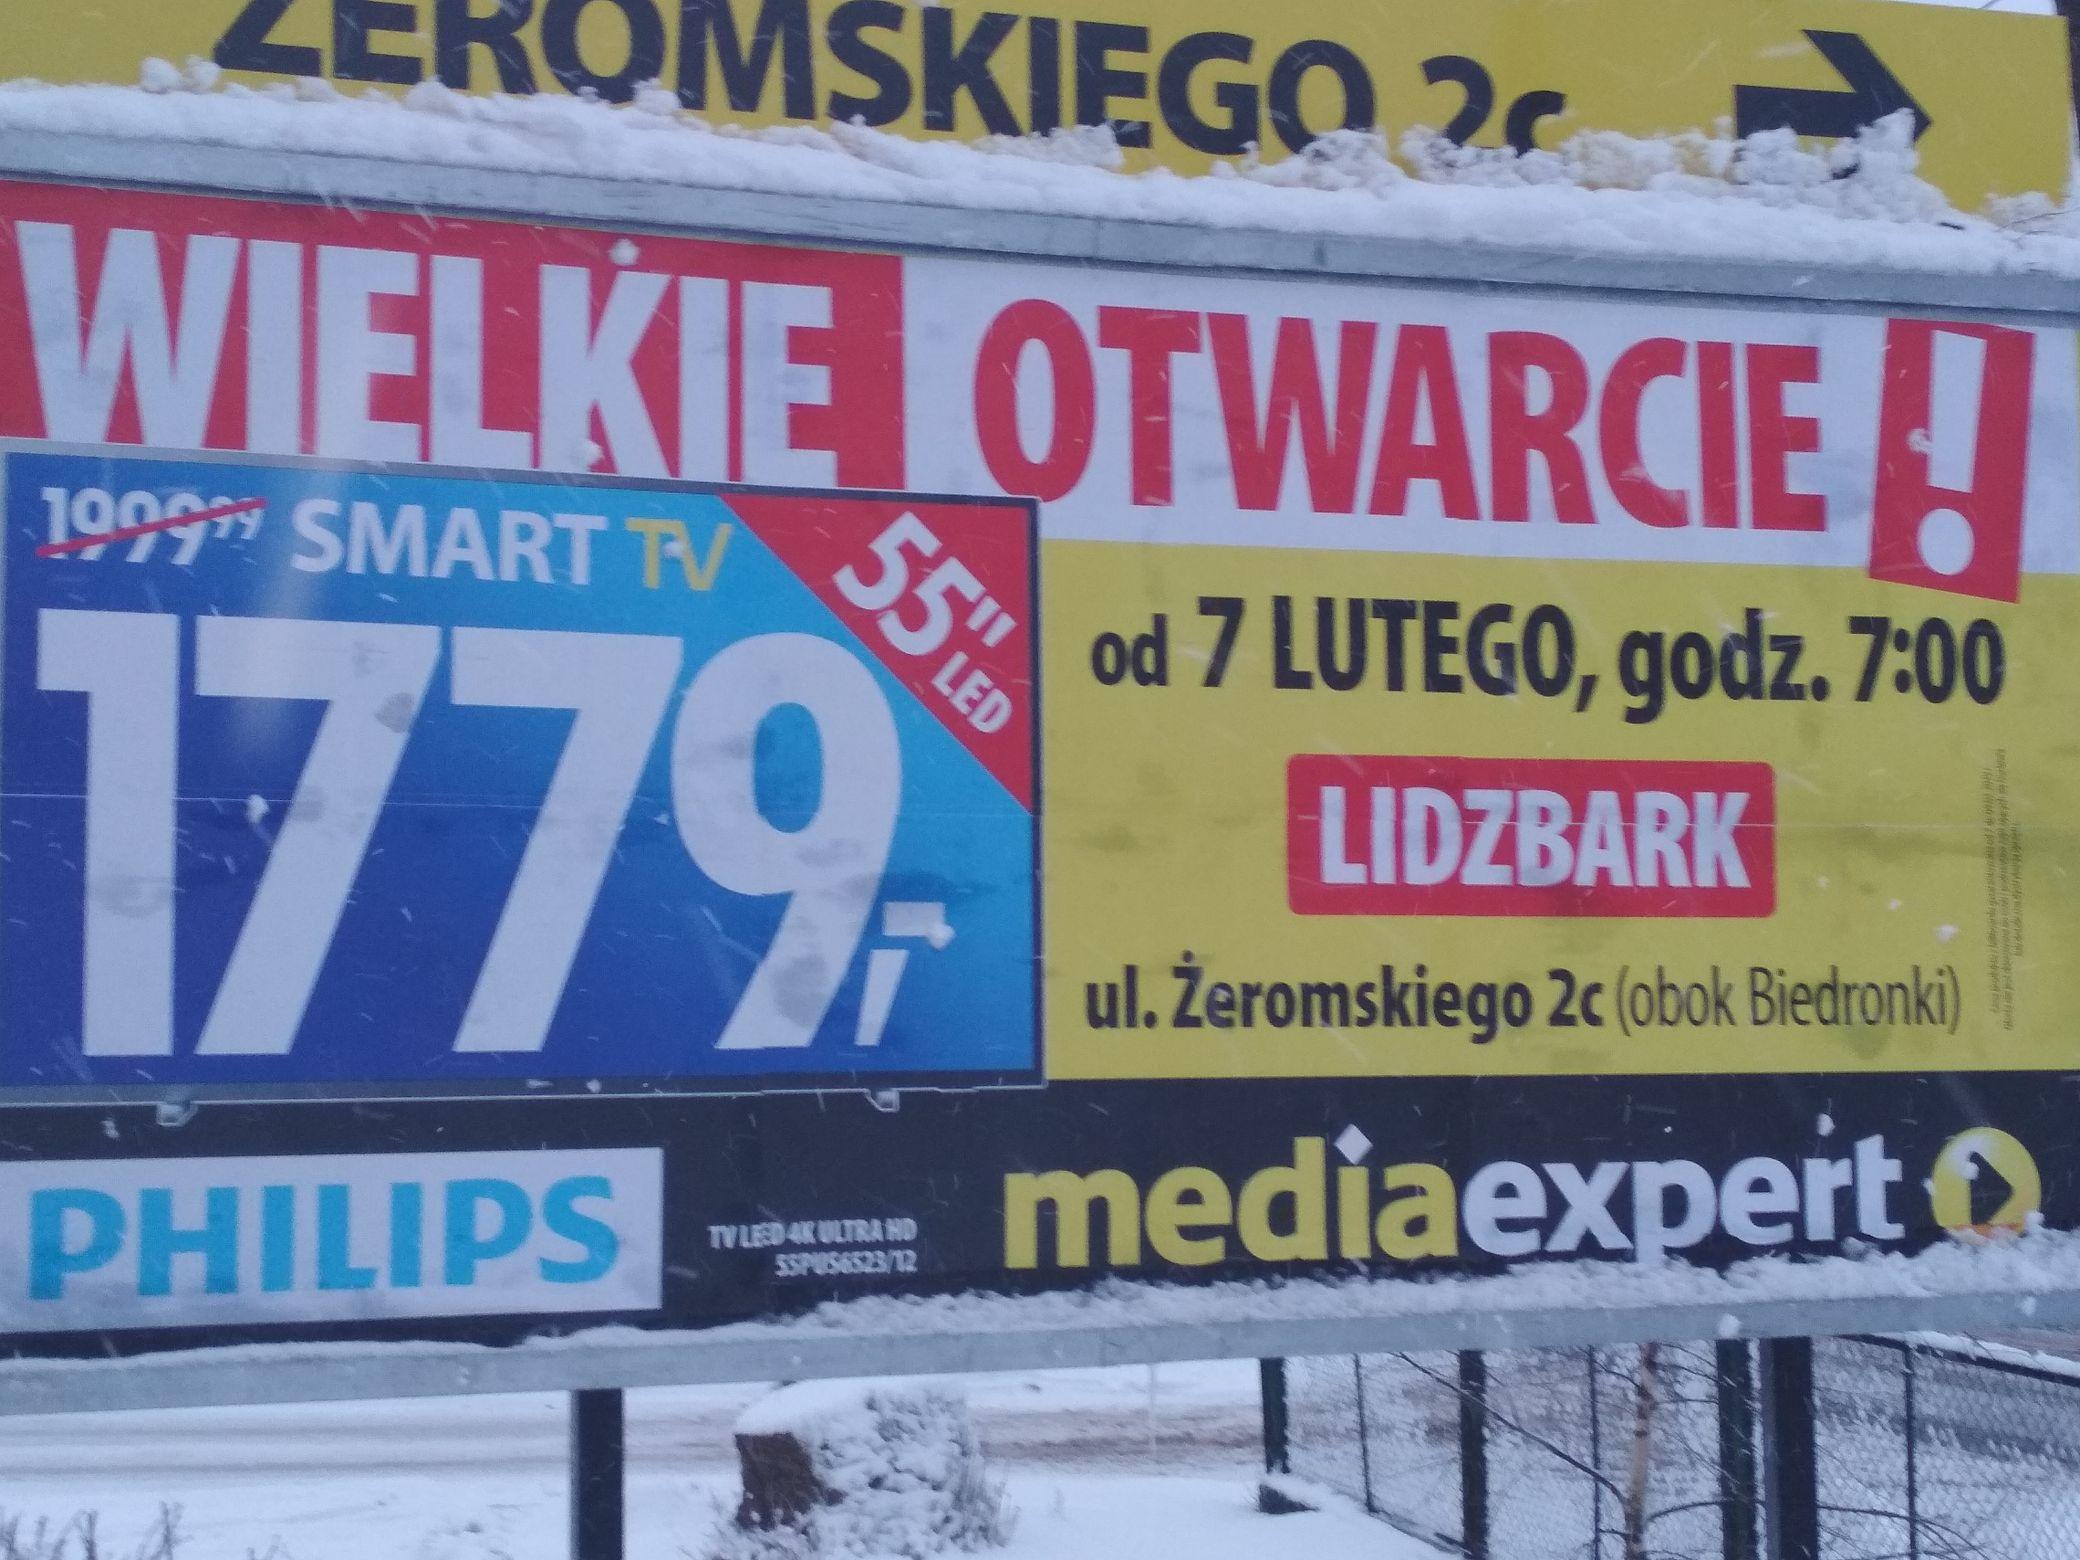 Telewizor Philips 55pus6523/12 |Lidzbark